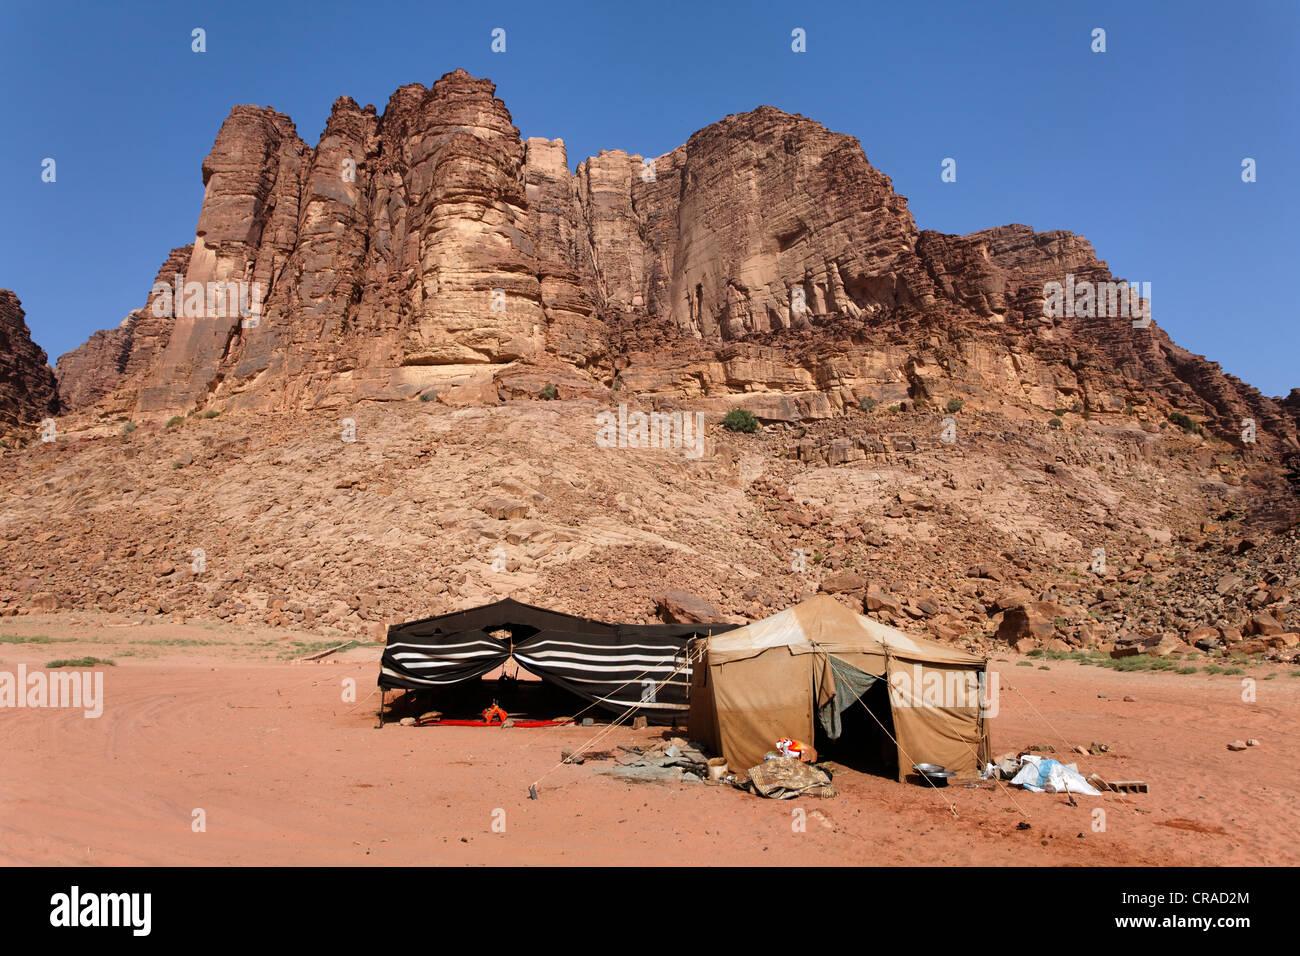 Montaña con el Lawrence's Spring, campamento de beduinos, Lawrence de Arabia, el desierto, Wadi Rum, Reino Imagen De Stock